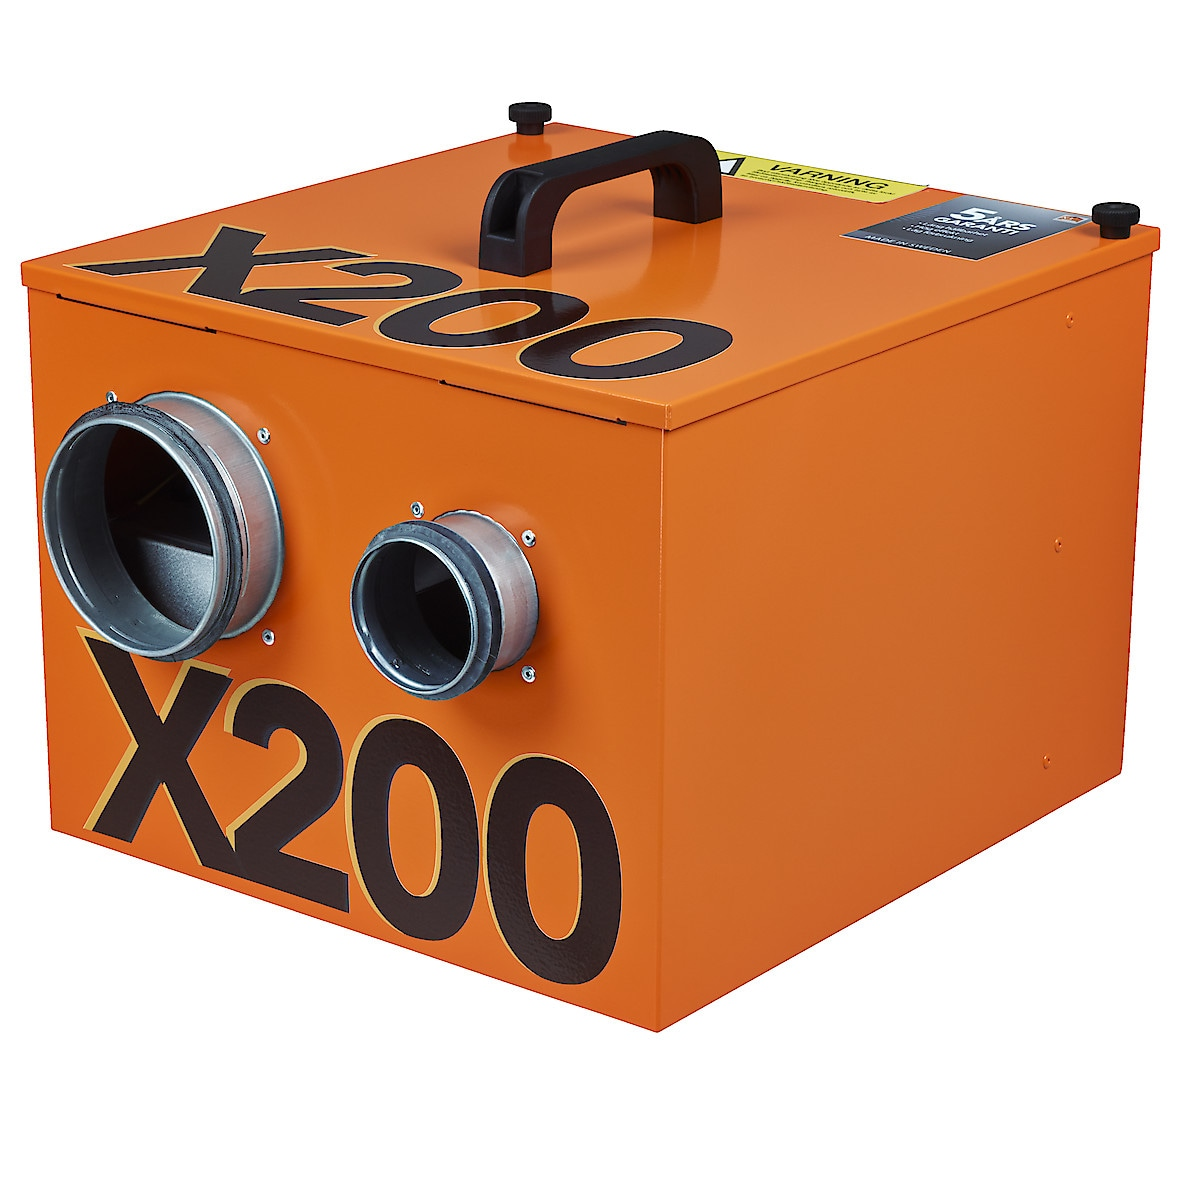 Drybox X200 luftavfukter